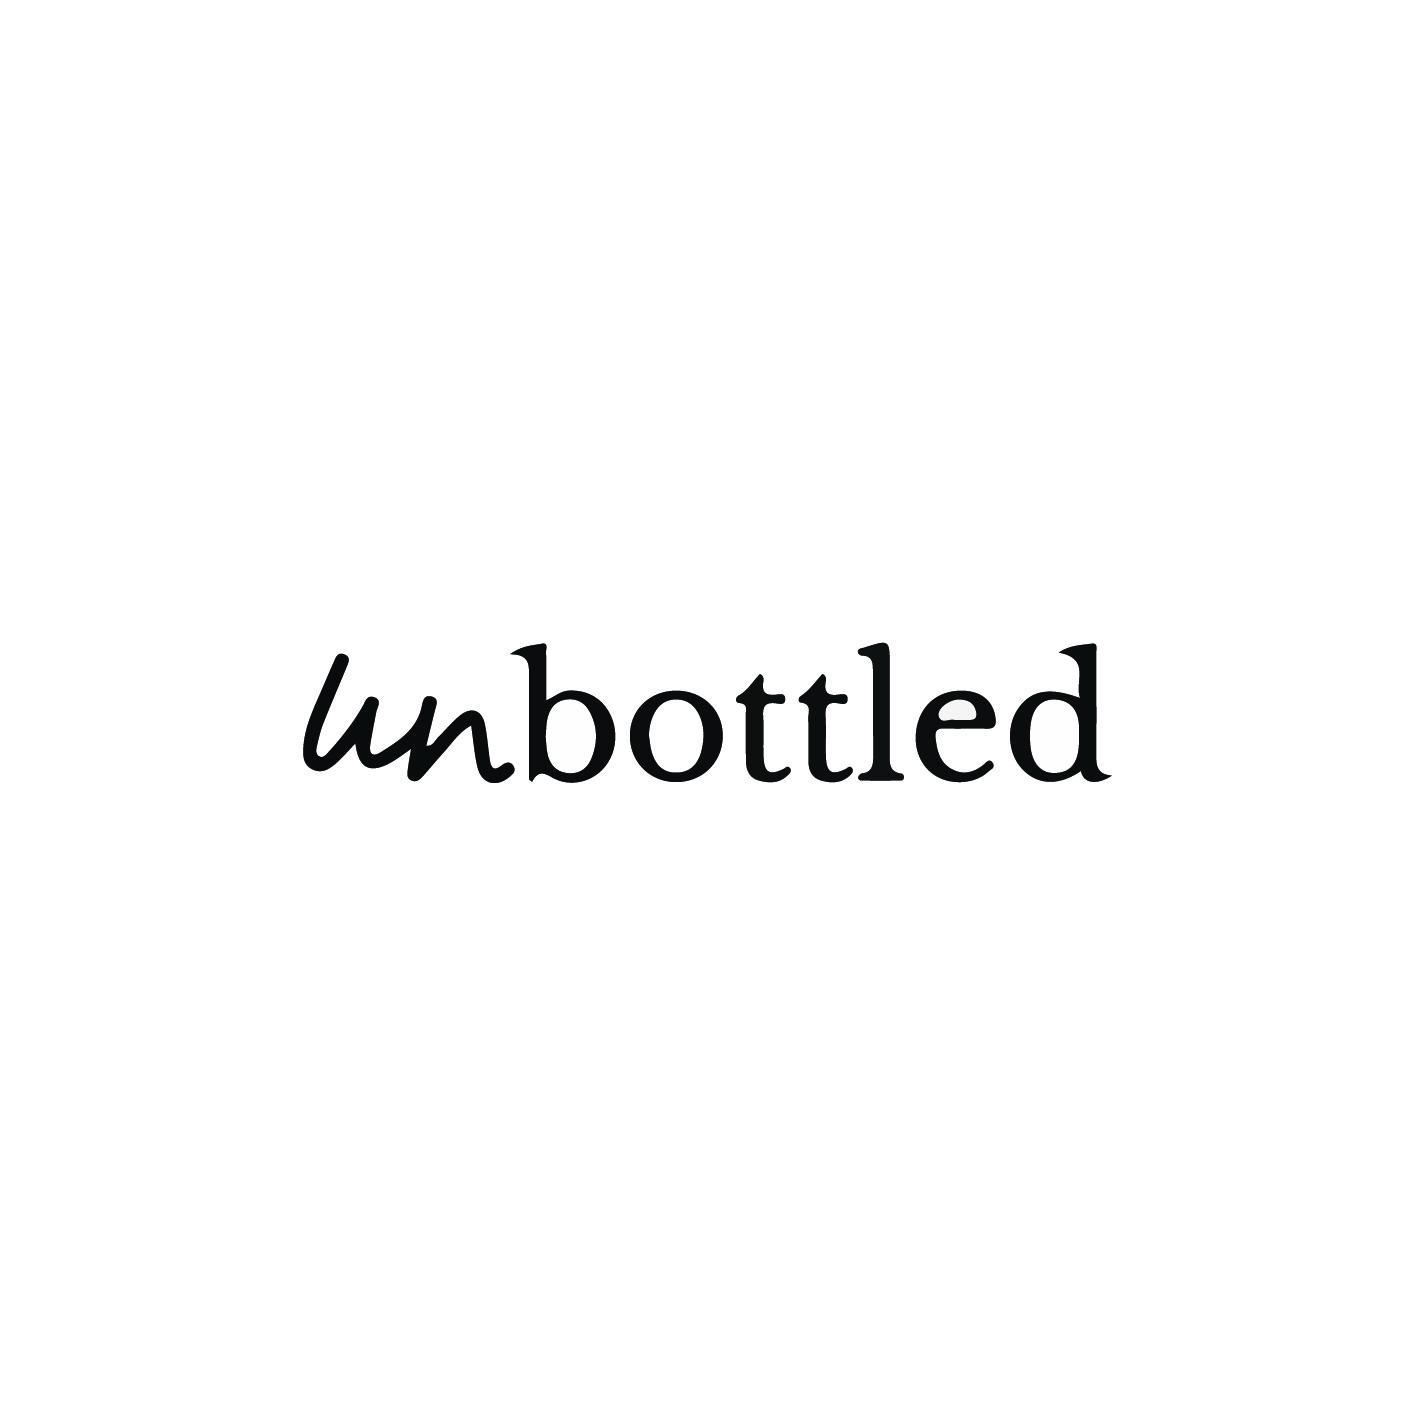 logo_unbottled